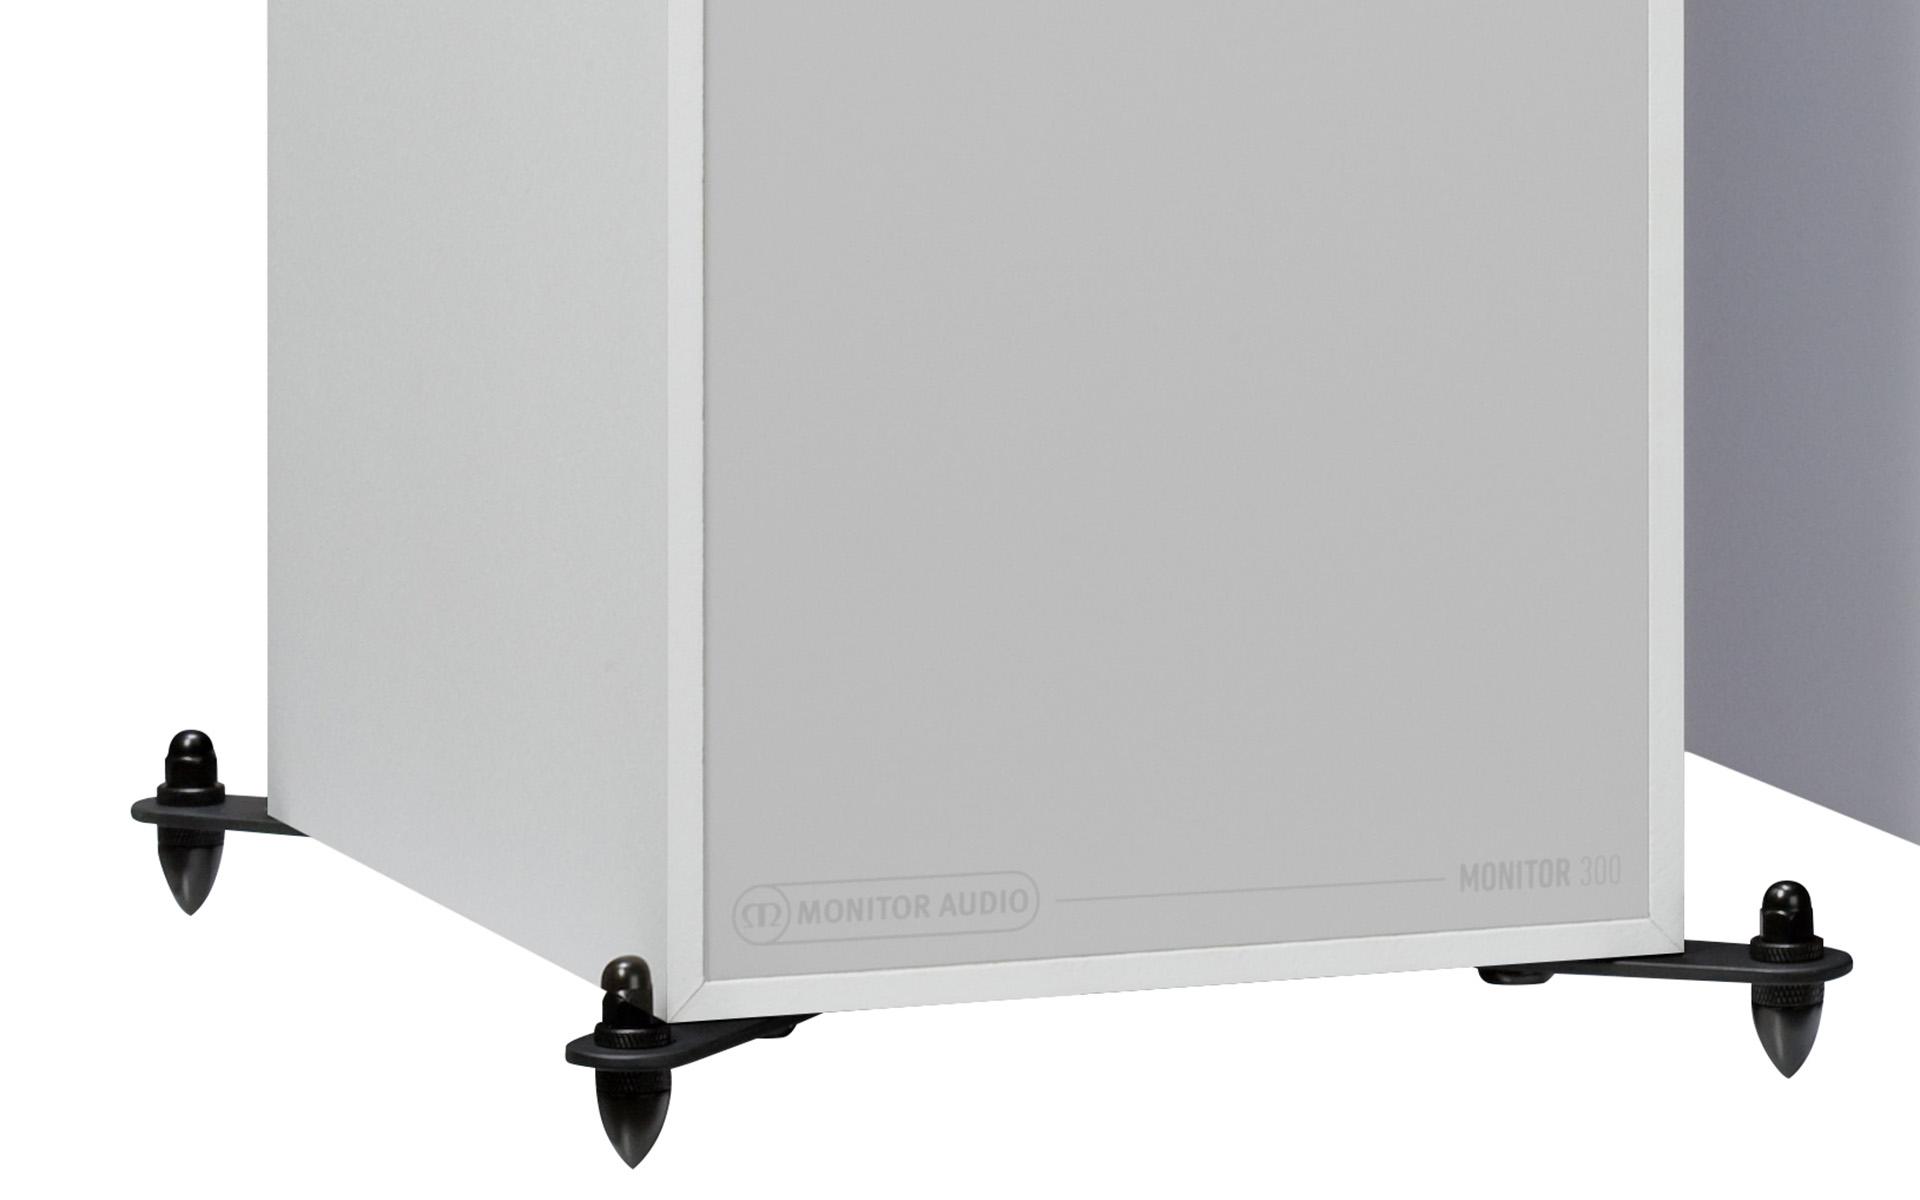 Вариант отделки напольника – белый корпус и элегантные выносные ножки